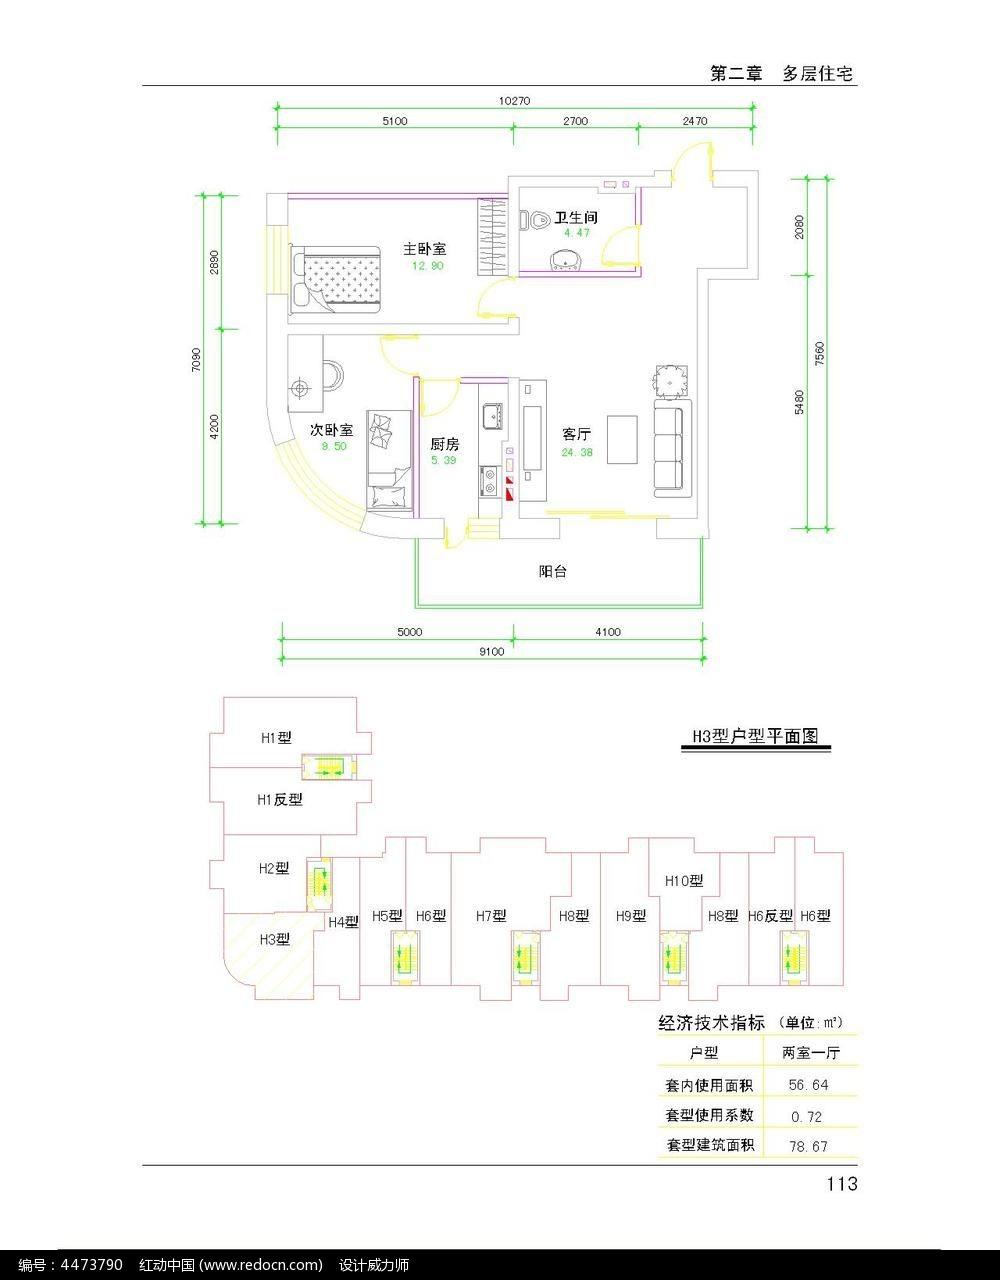 两室一厅户型cad图纸dwg素材下载 编号4473790 红动网